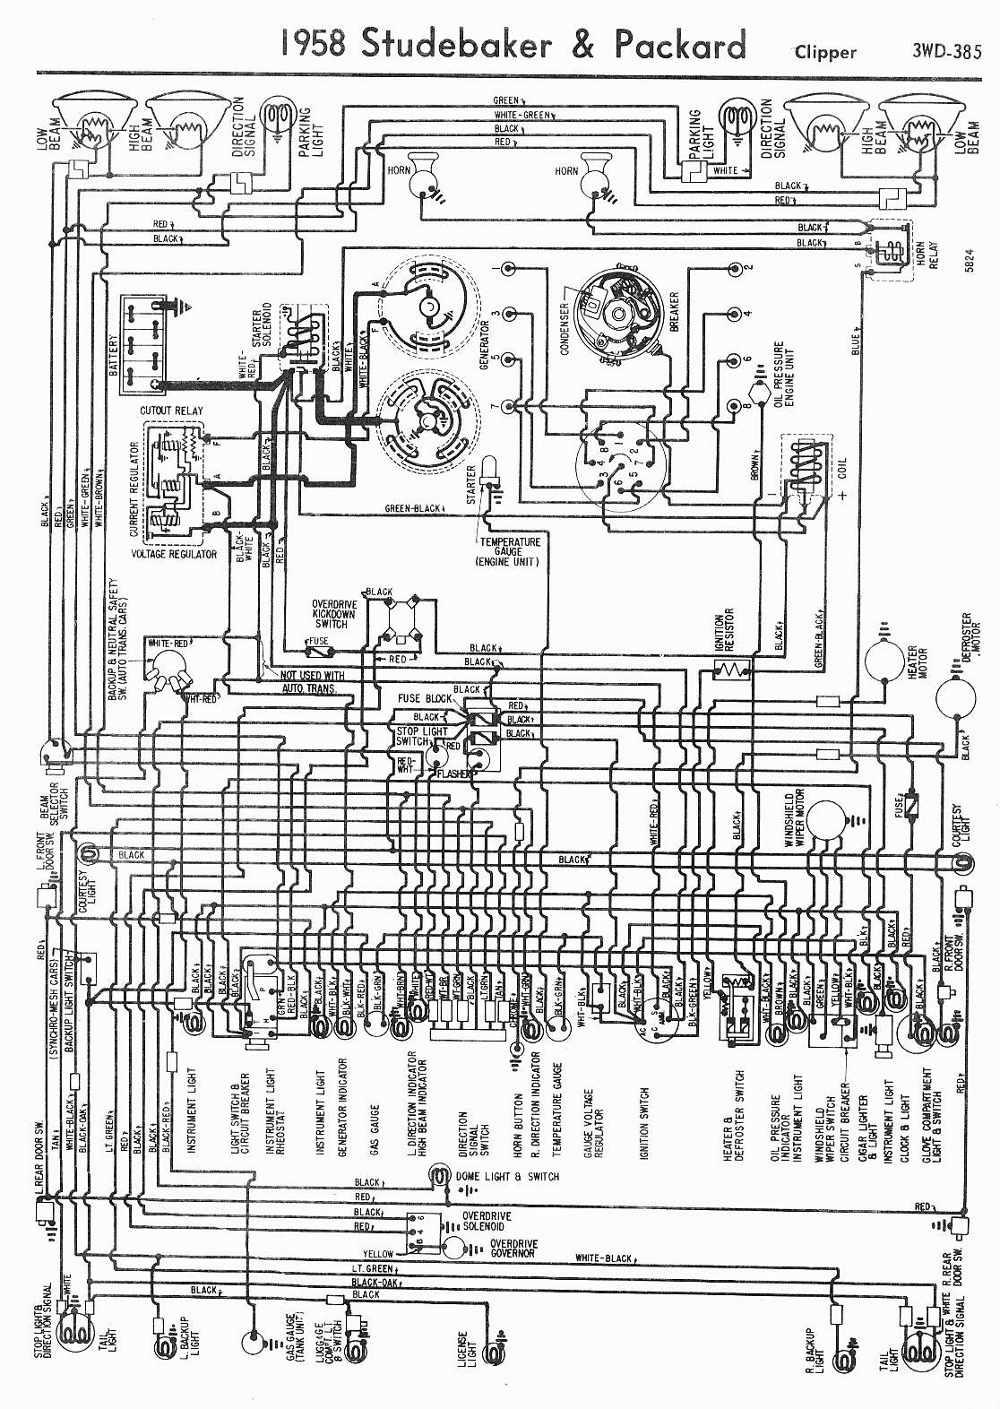 1948 packard wiring diagram simple wiring diagrams 1943 packard 1949 packard wiring diagram [ 1000 x 1409 Pixel ]